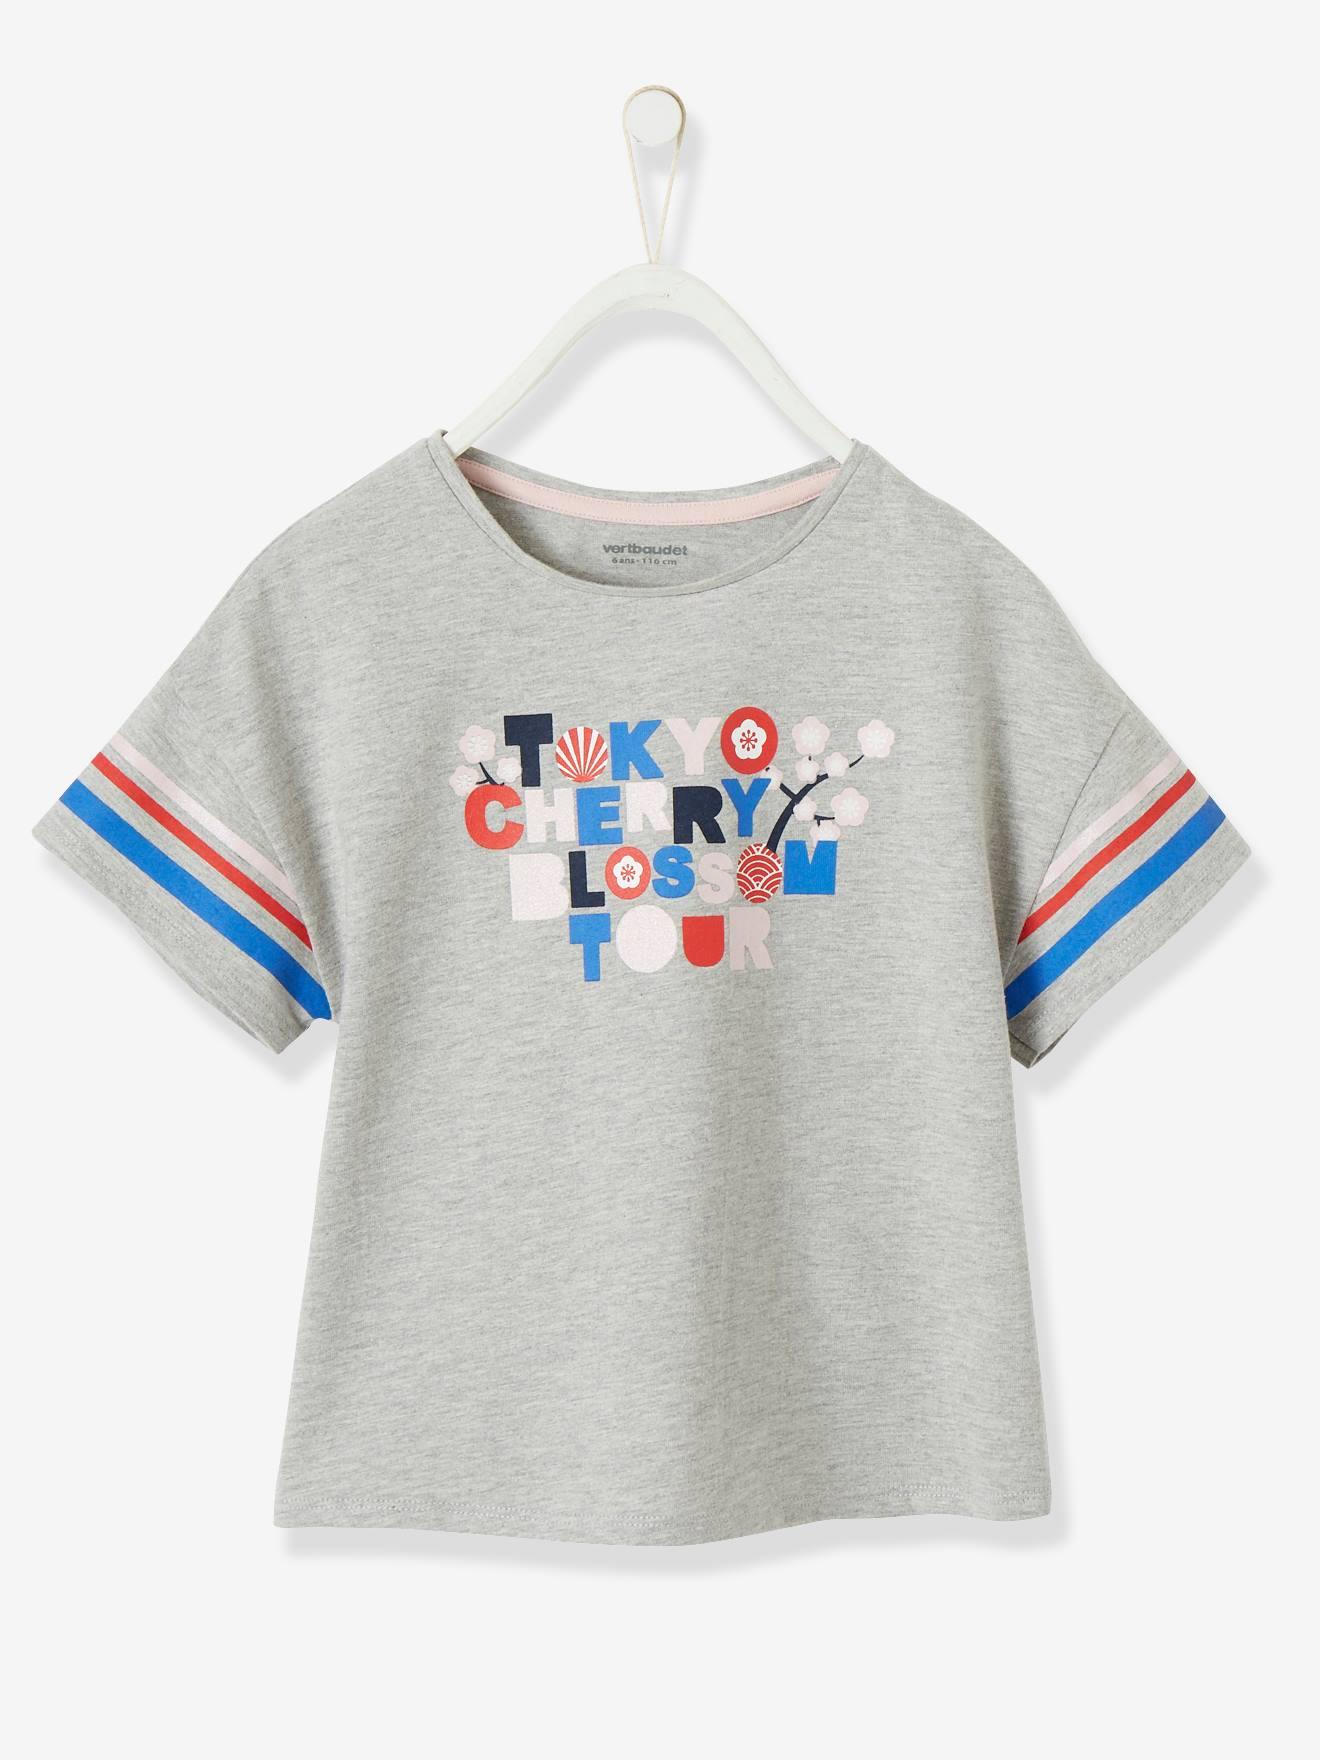 T-shirt fille motif graphique irisé gris chiné